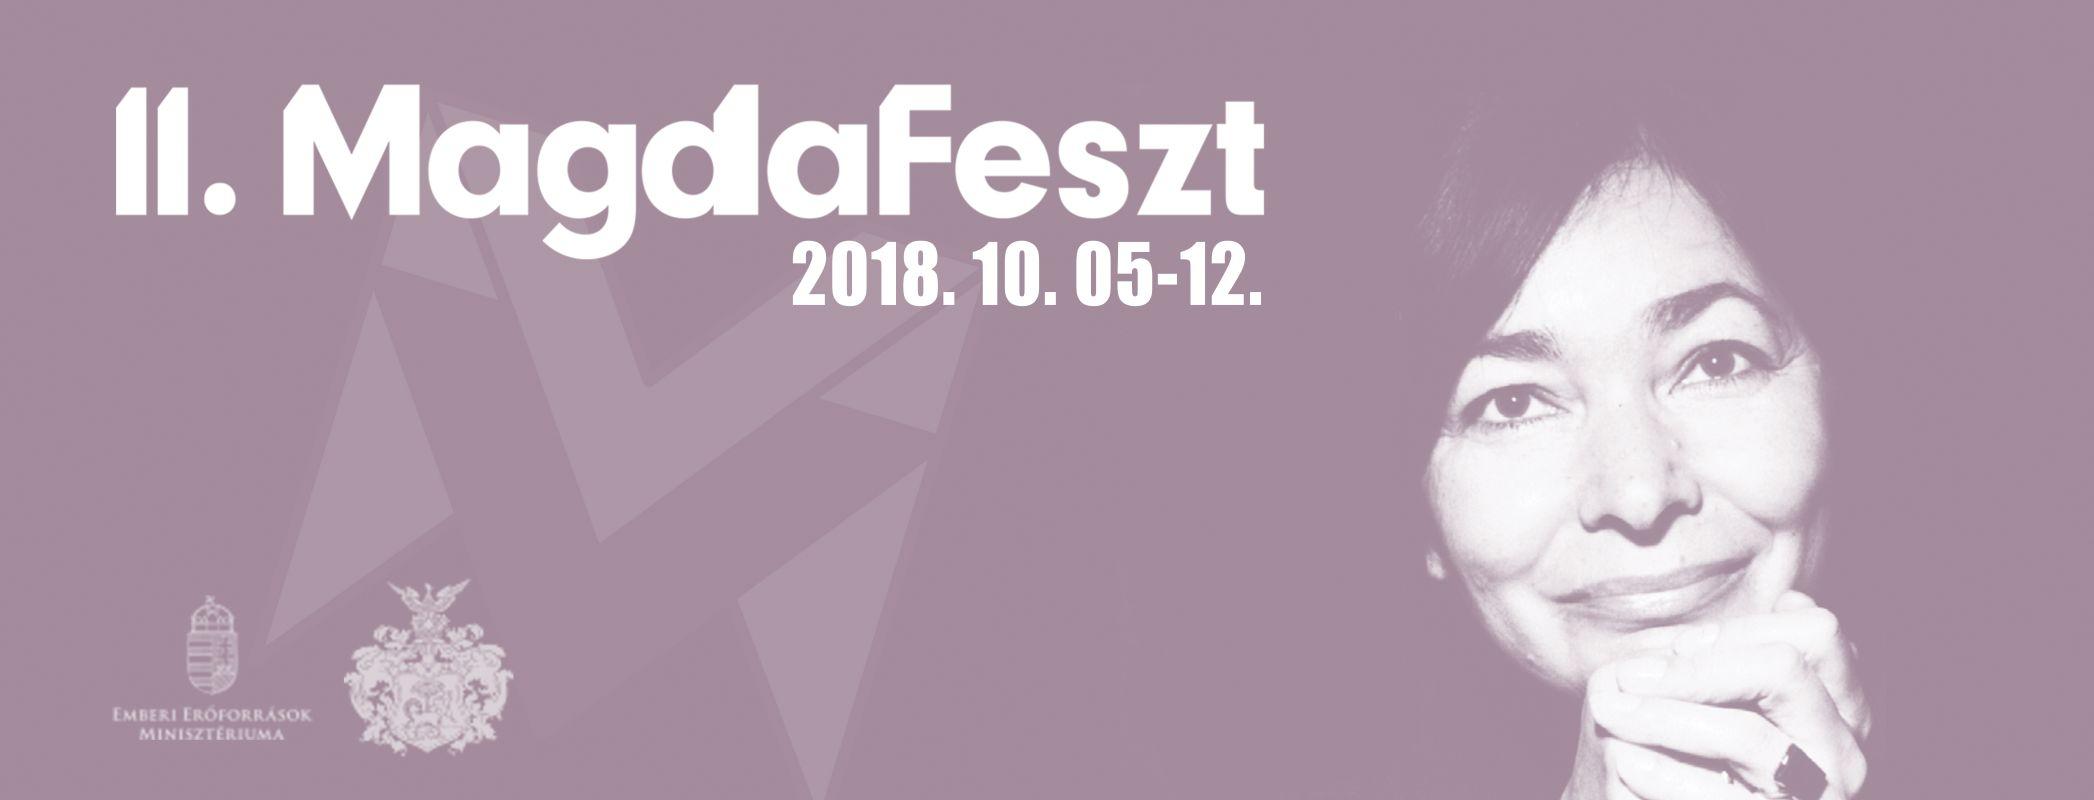 Magdafest-slide